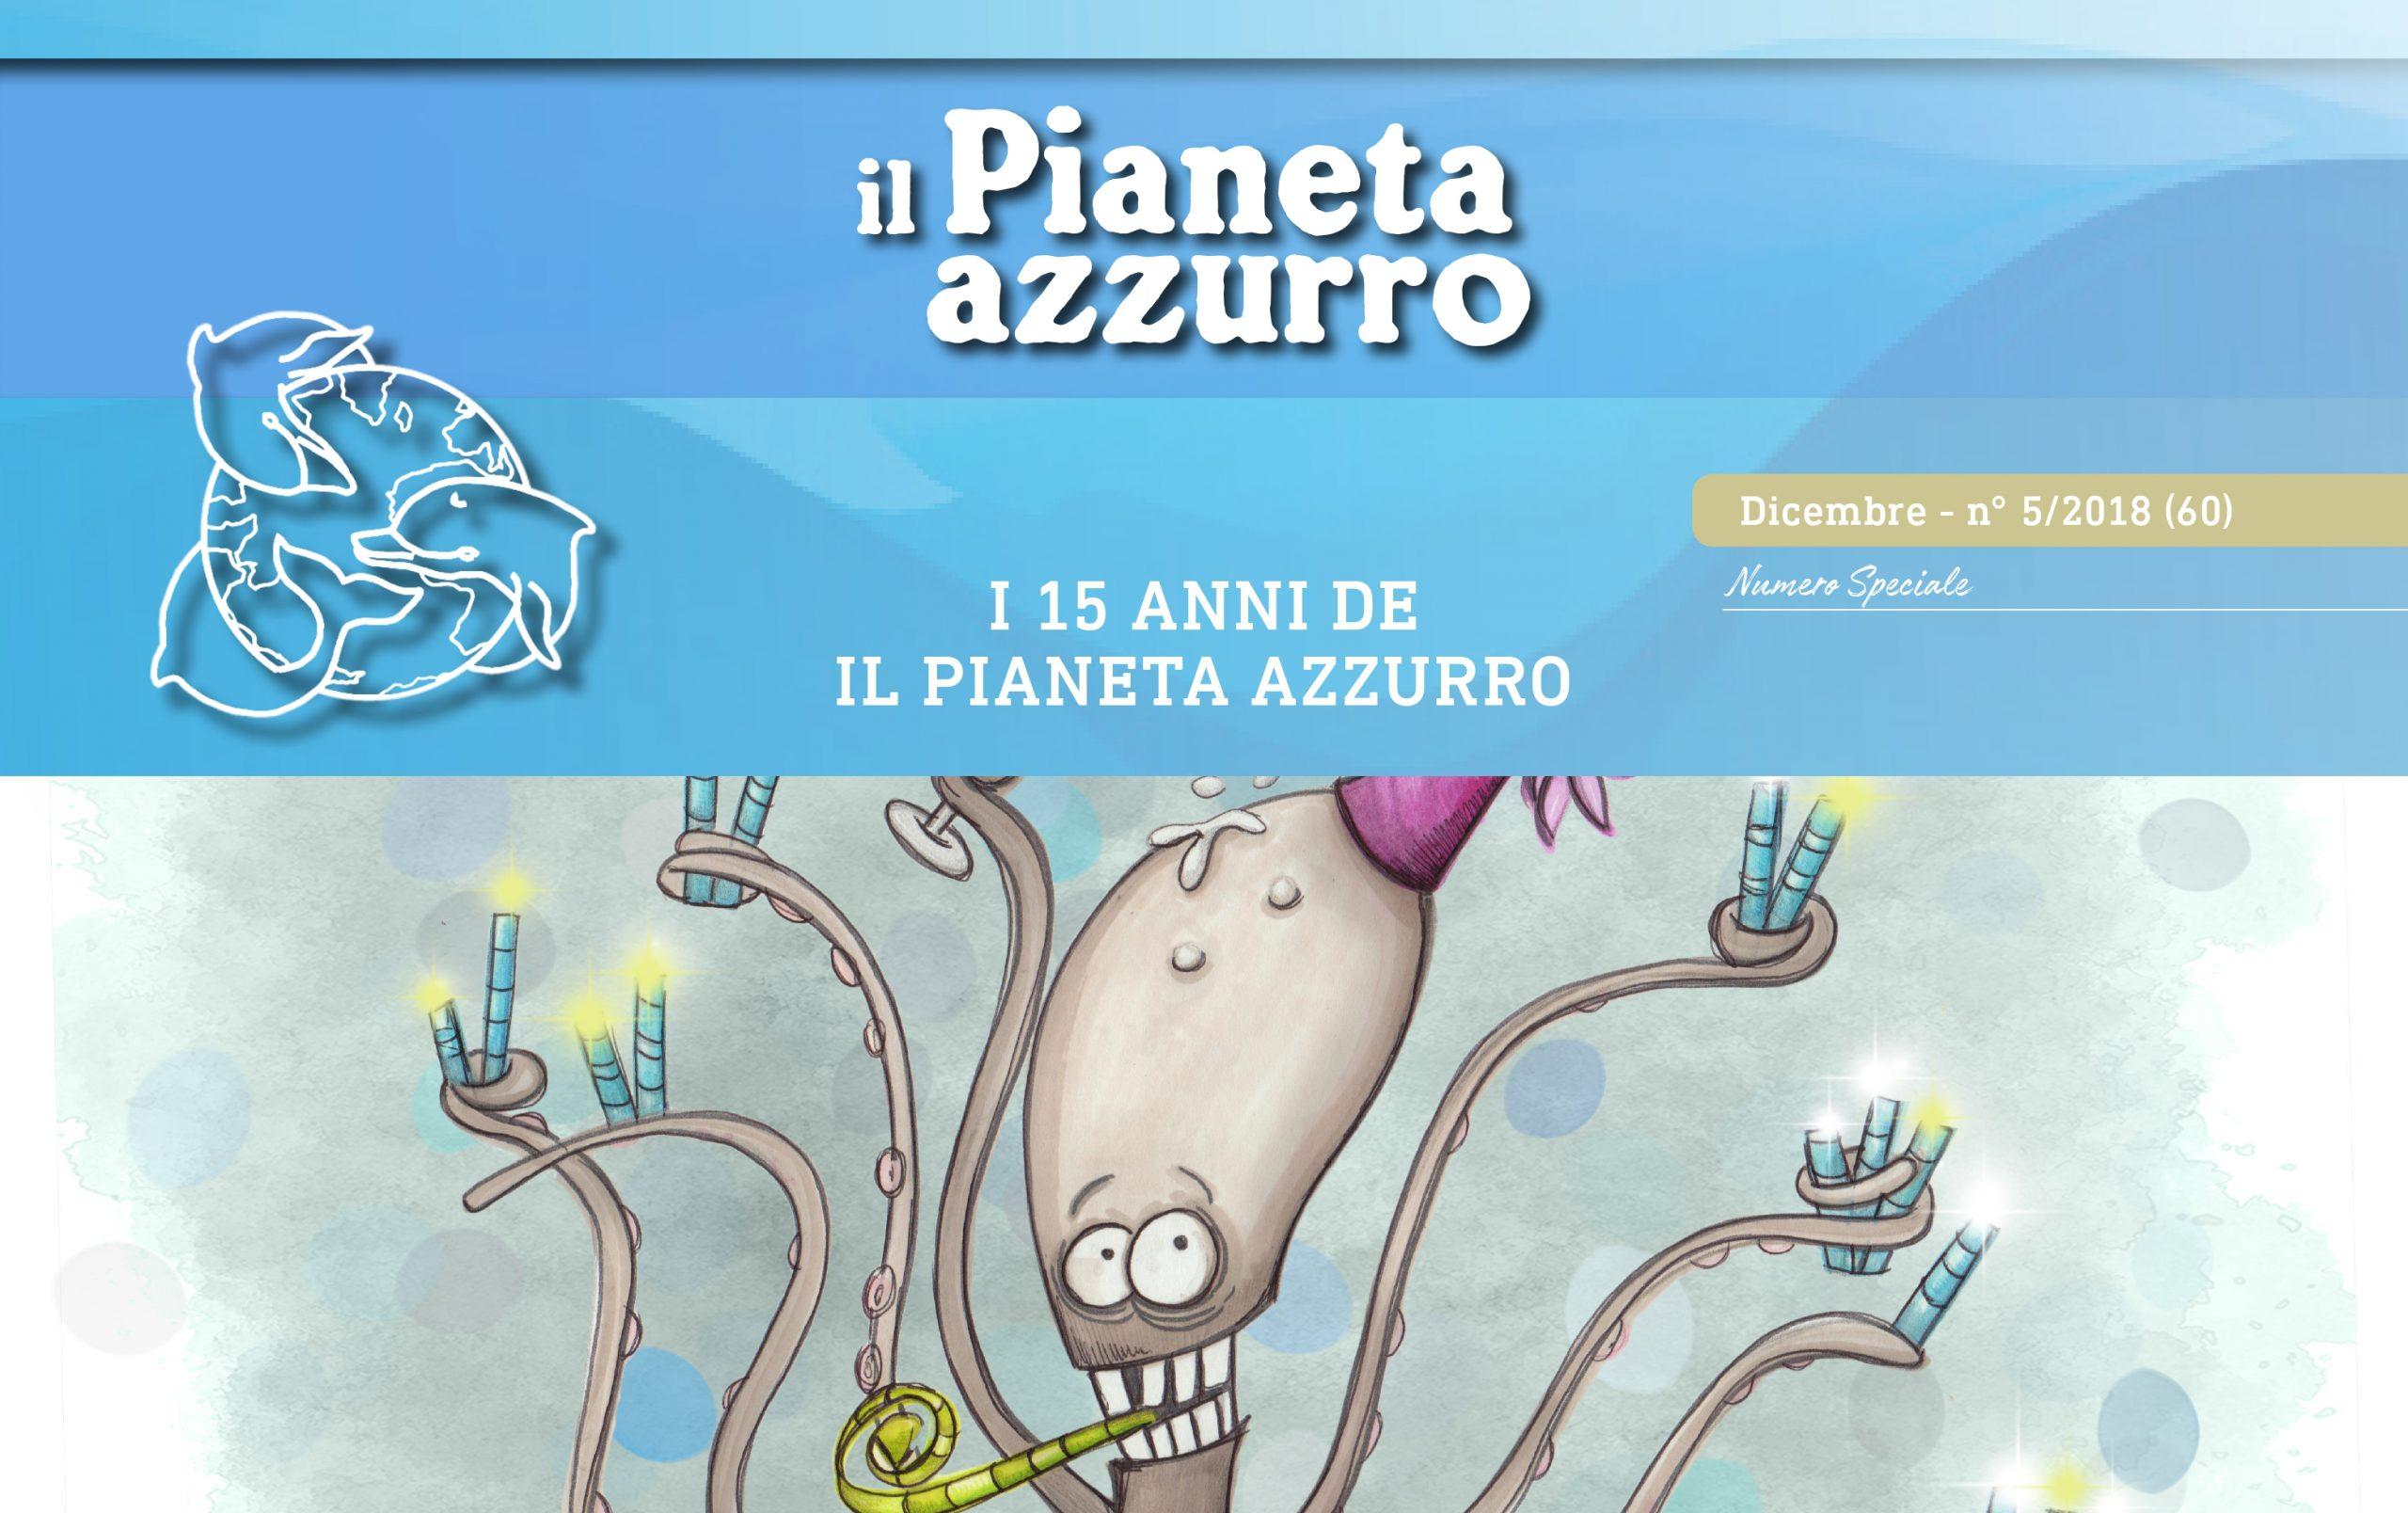 """I 15 anni de """"Il pianeta azzurro"""", dicembre – n°5/2018 (60)"""